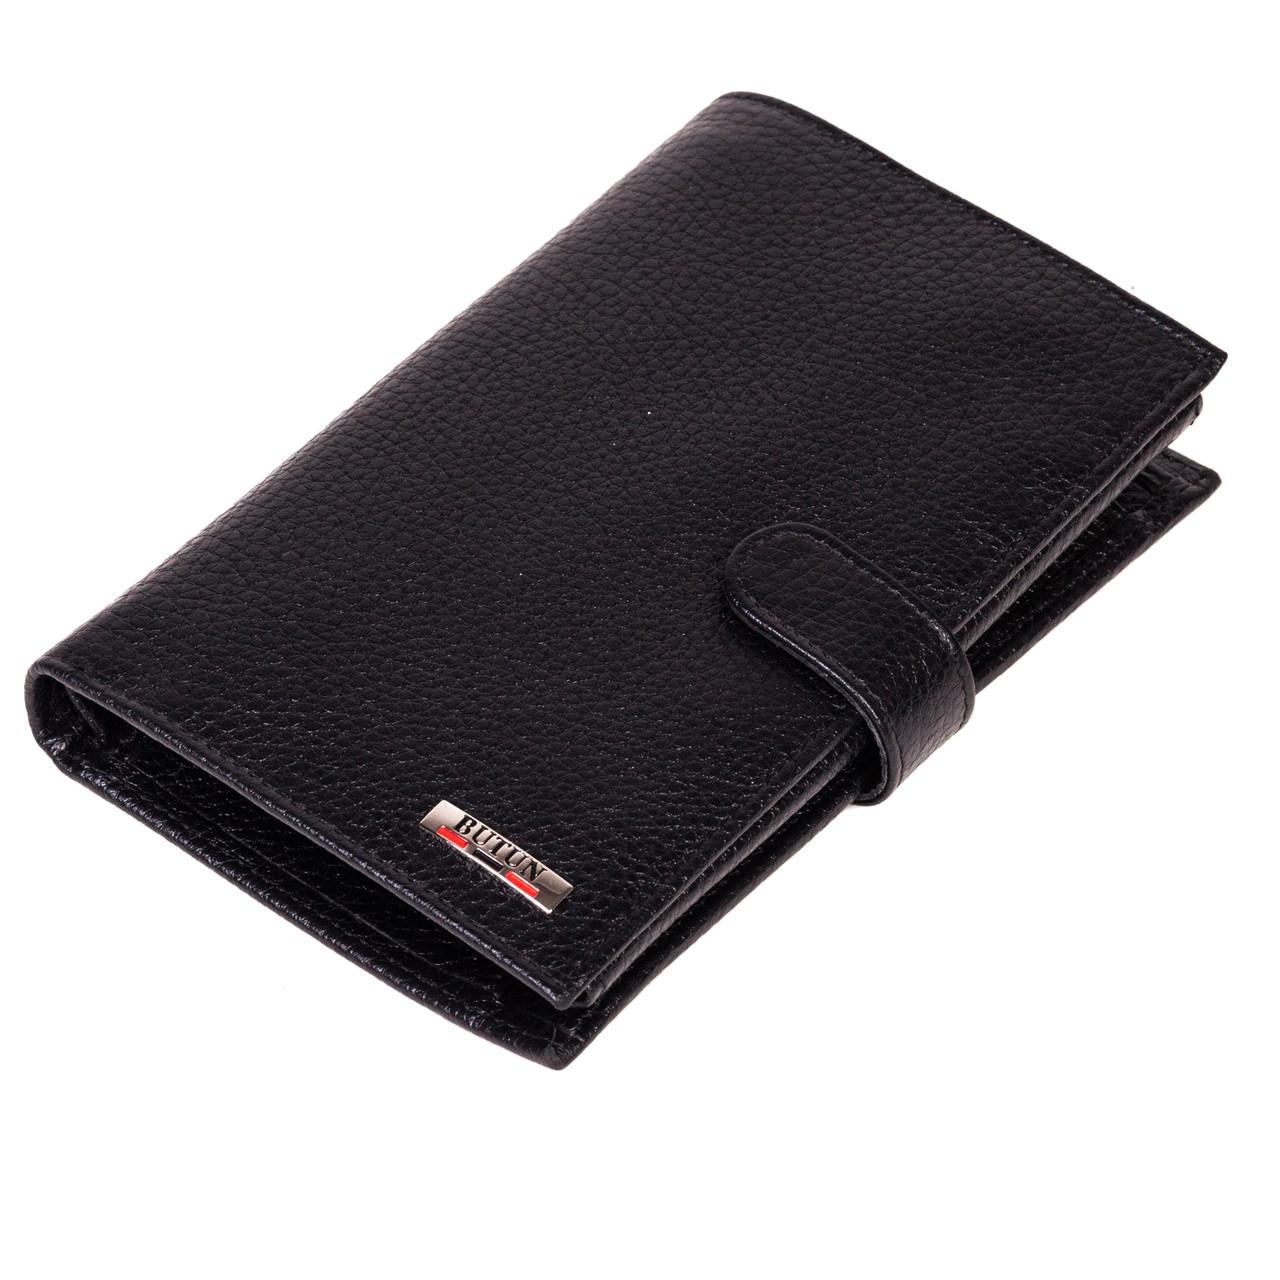 Женский кошелек Butun 189-004-001 с отделением для паспорта